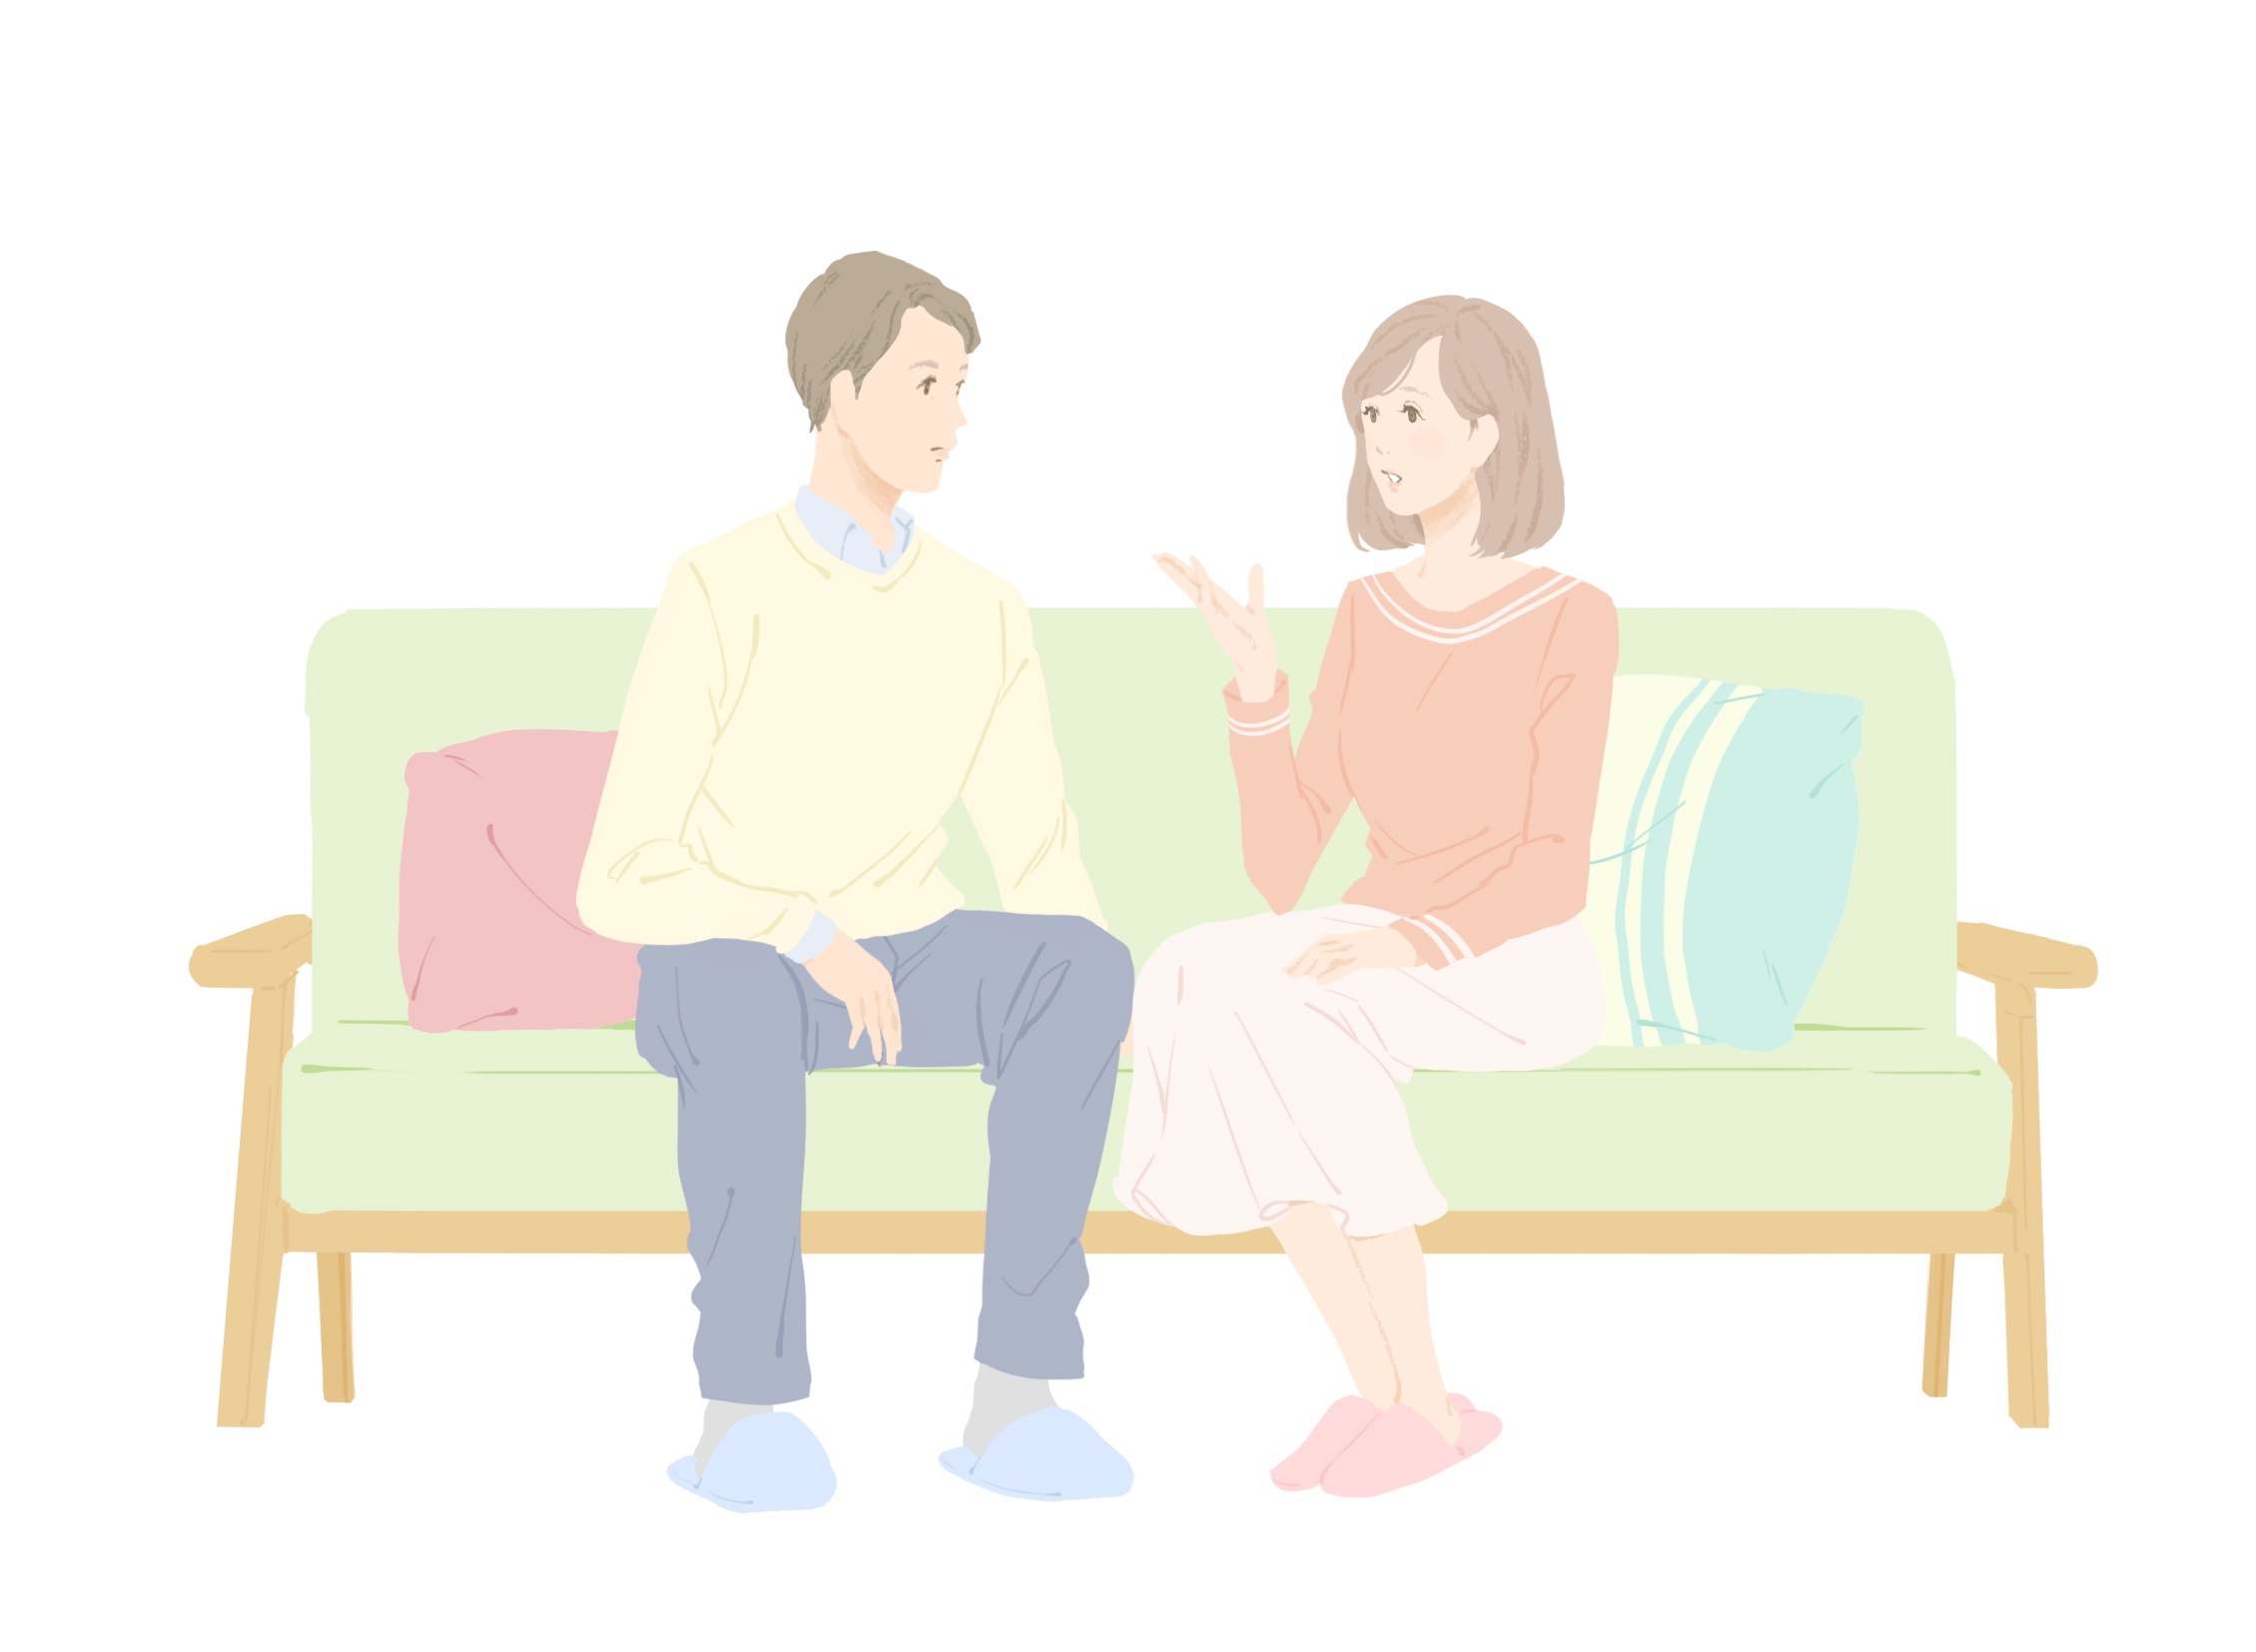 kounennkigatsuraitoki02.jpg